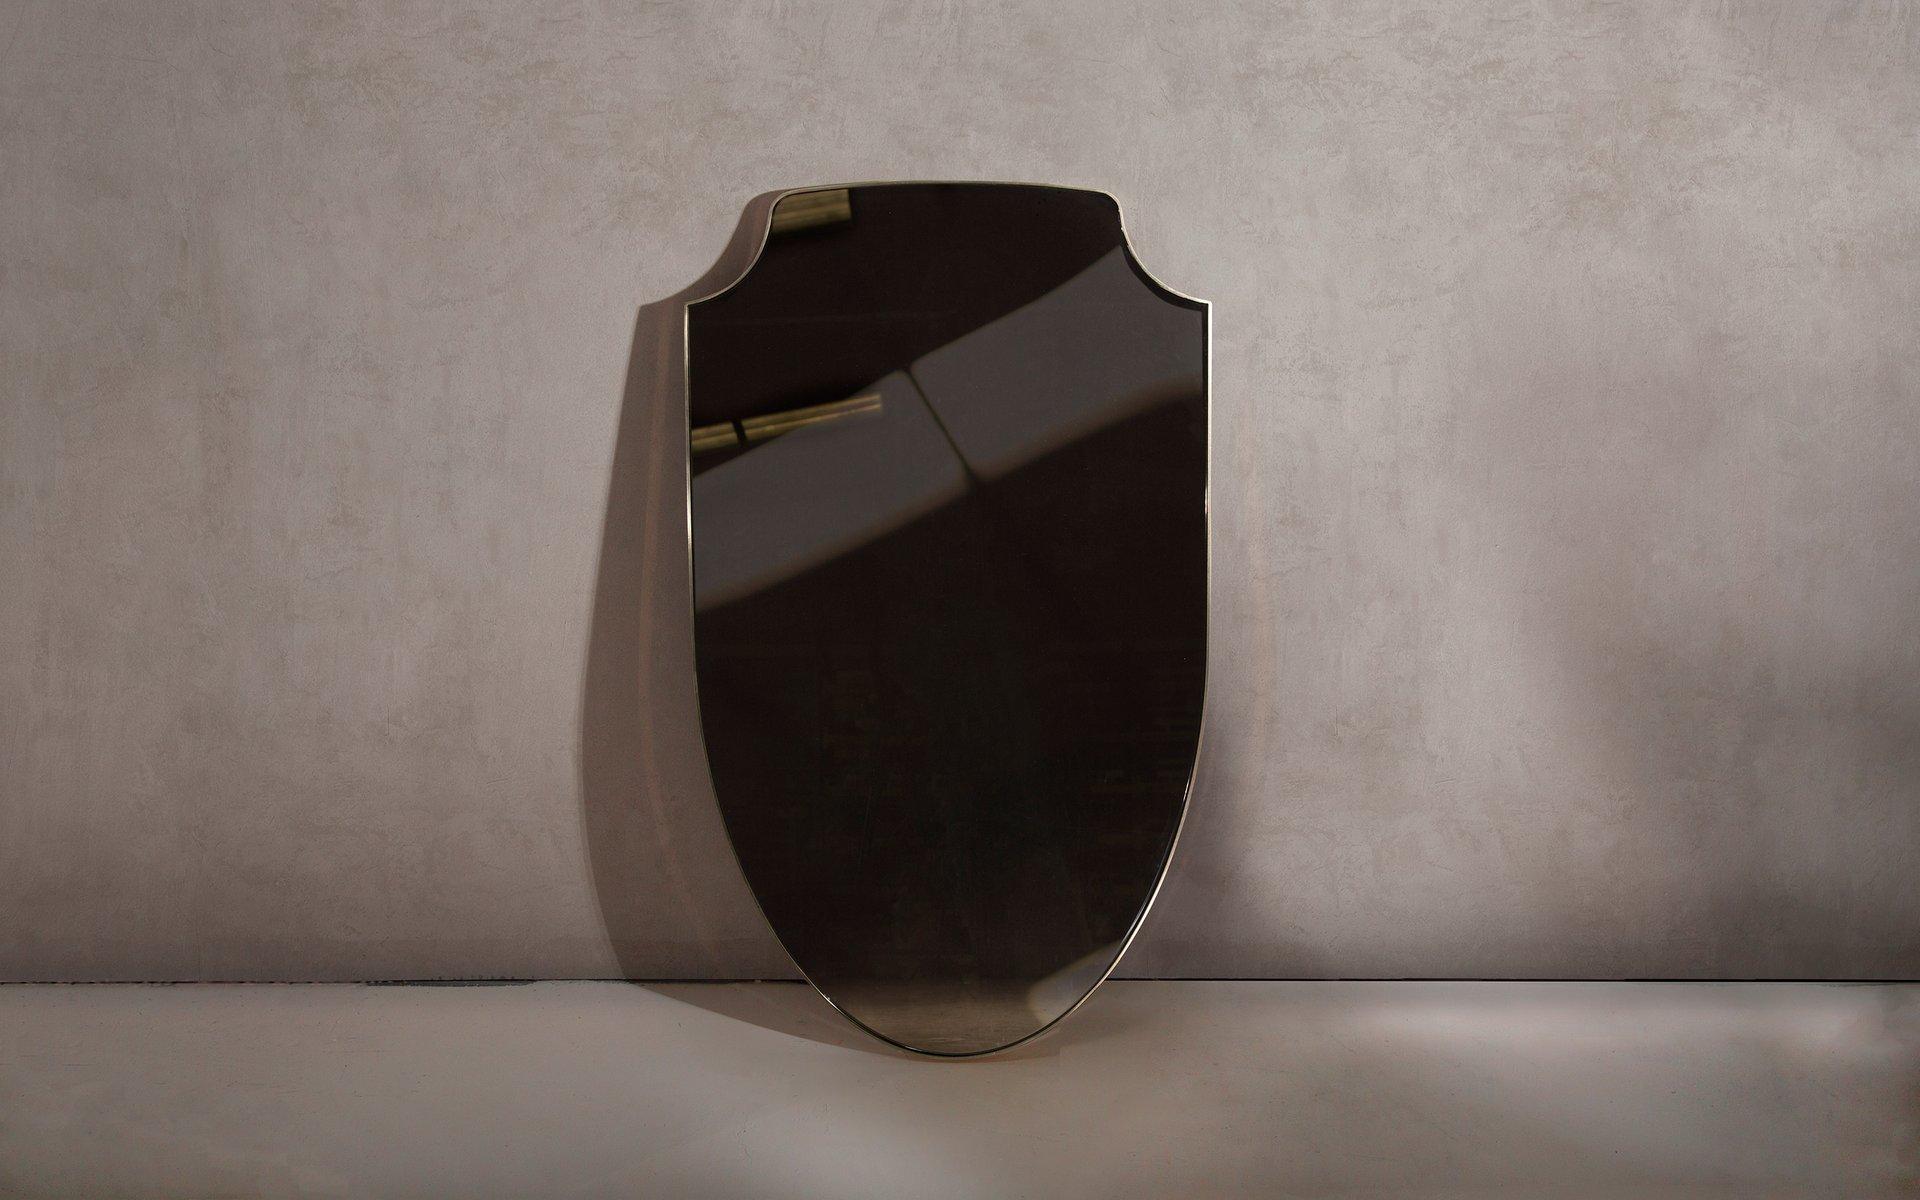 aegis bronze spiegel in messing von richy almond f r novocastrian bei pamono kaufen. Black Bedroom Furniture Sets. Home Design Ideas